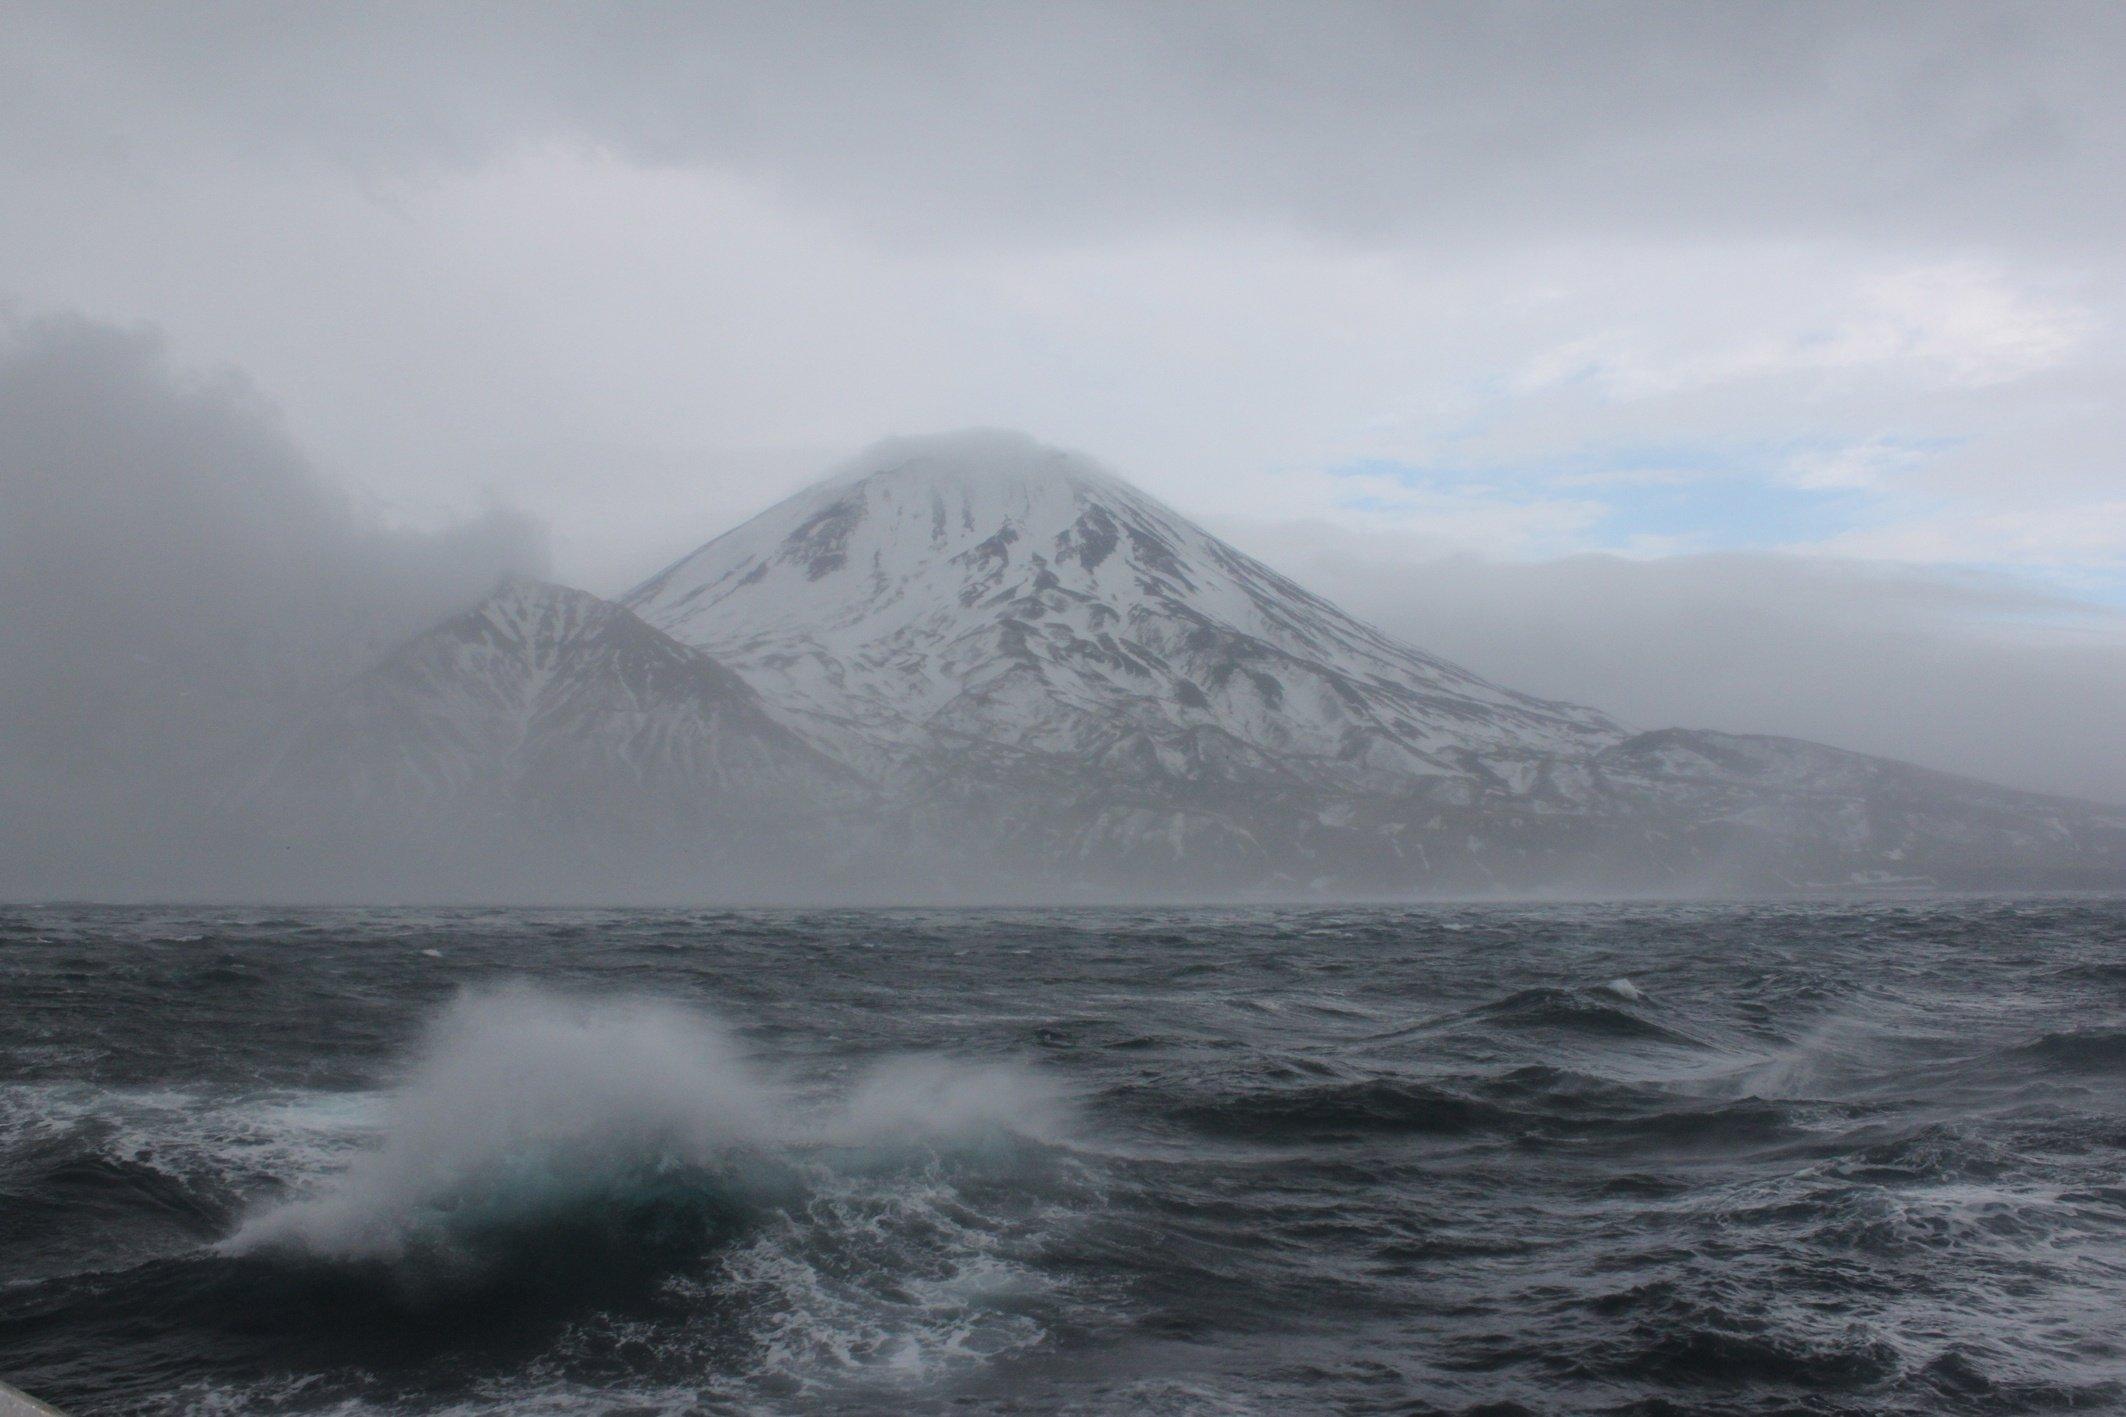 Ученые острова Матуа подняли содна загадочный военный корабль